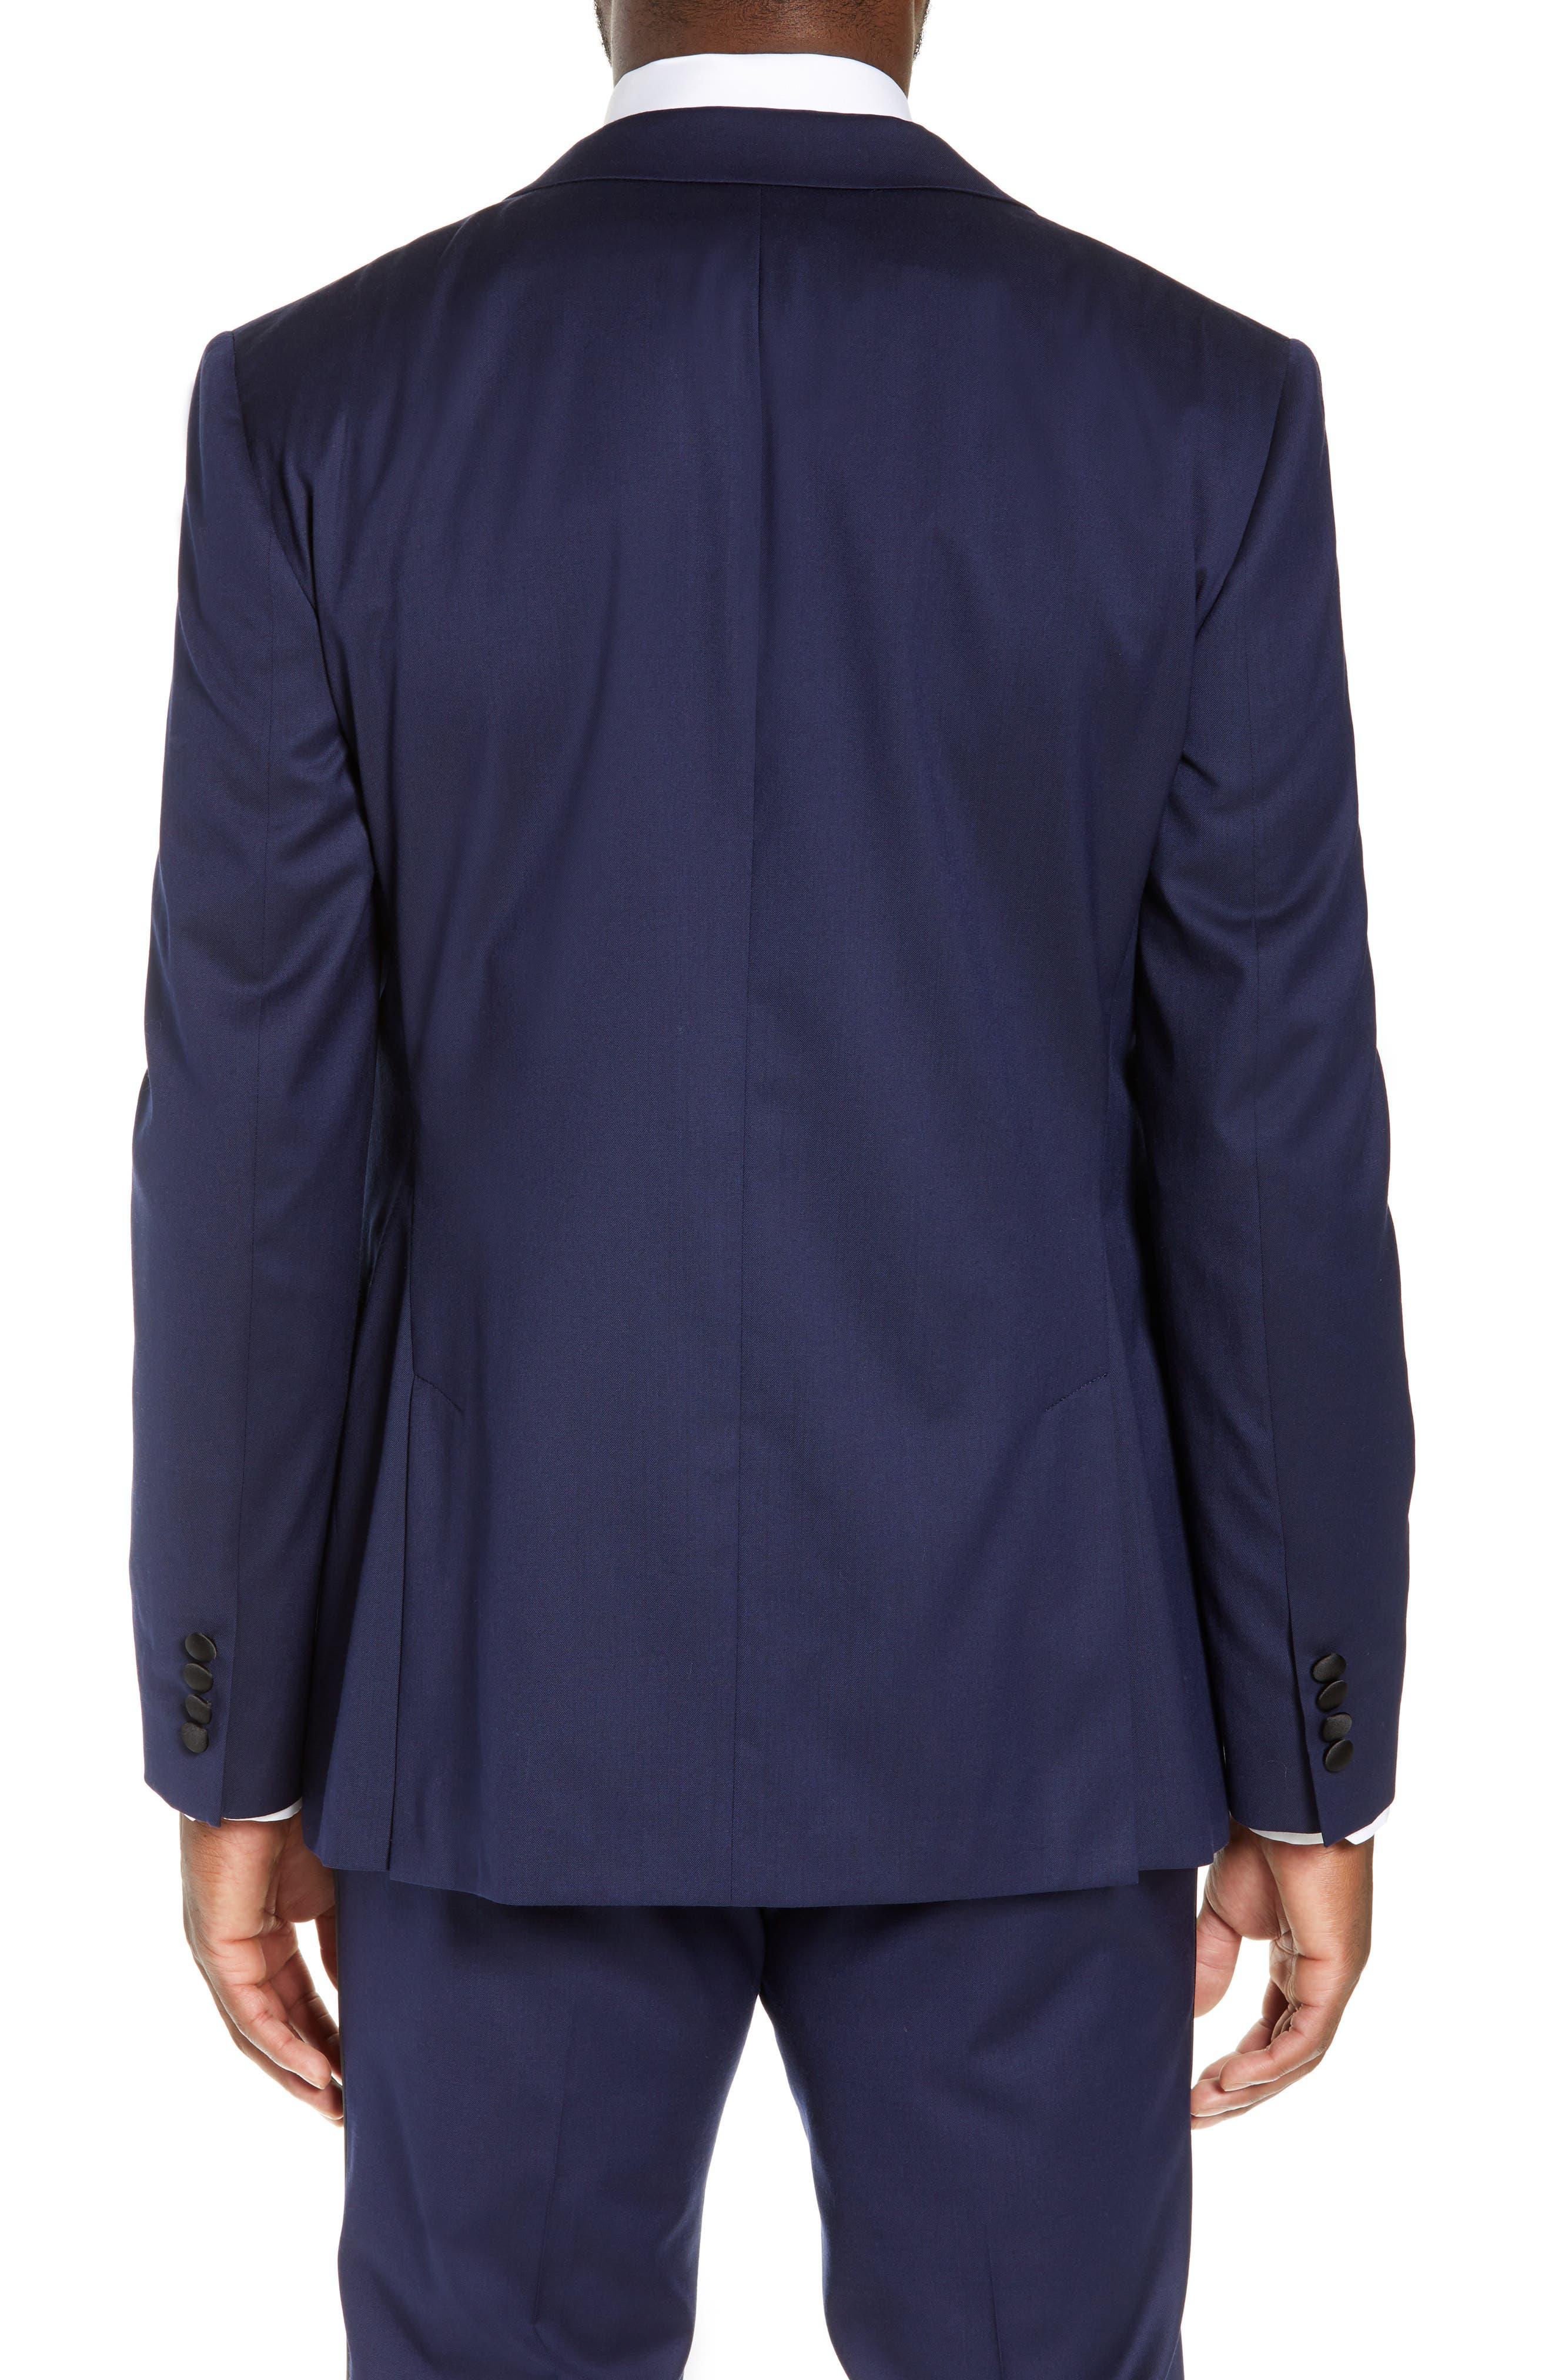 BONOBOS Capstone Slim Fit Italian Wool Blend Dinner Jacket in Navy